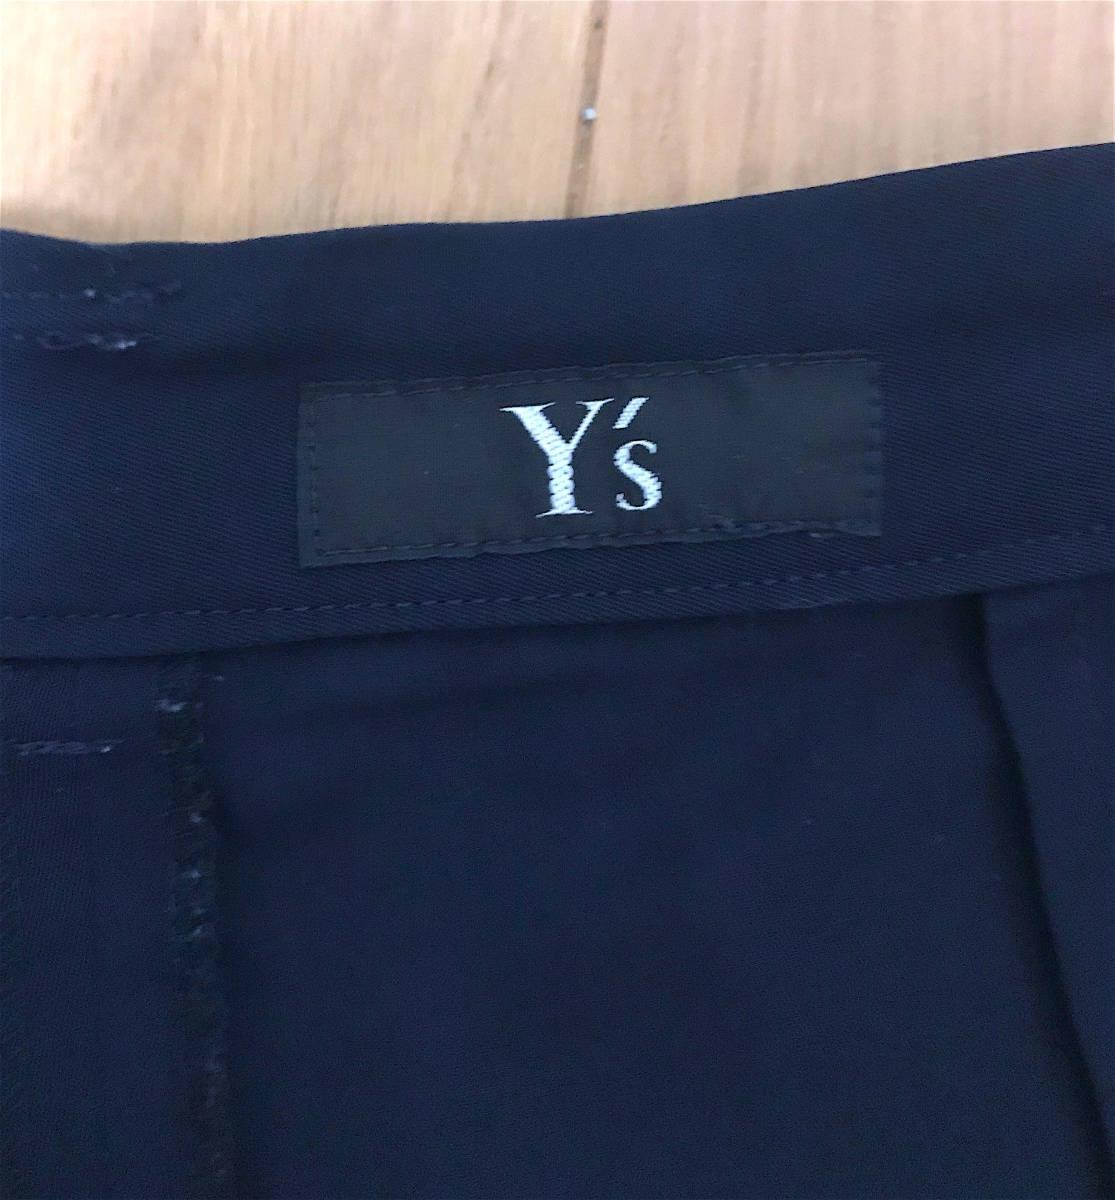 即決 セール yohji yamamoto y's ネイビー ワイドパンツ 袴パンツ サルエル バルーンパンツ ヨウジヤマモト プールオム y-3_画像4